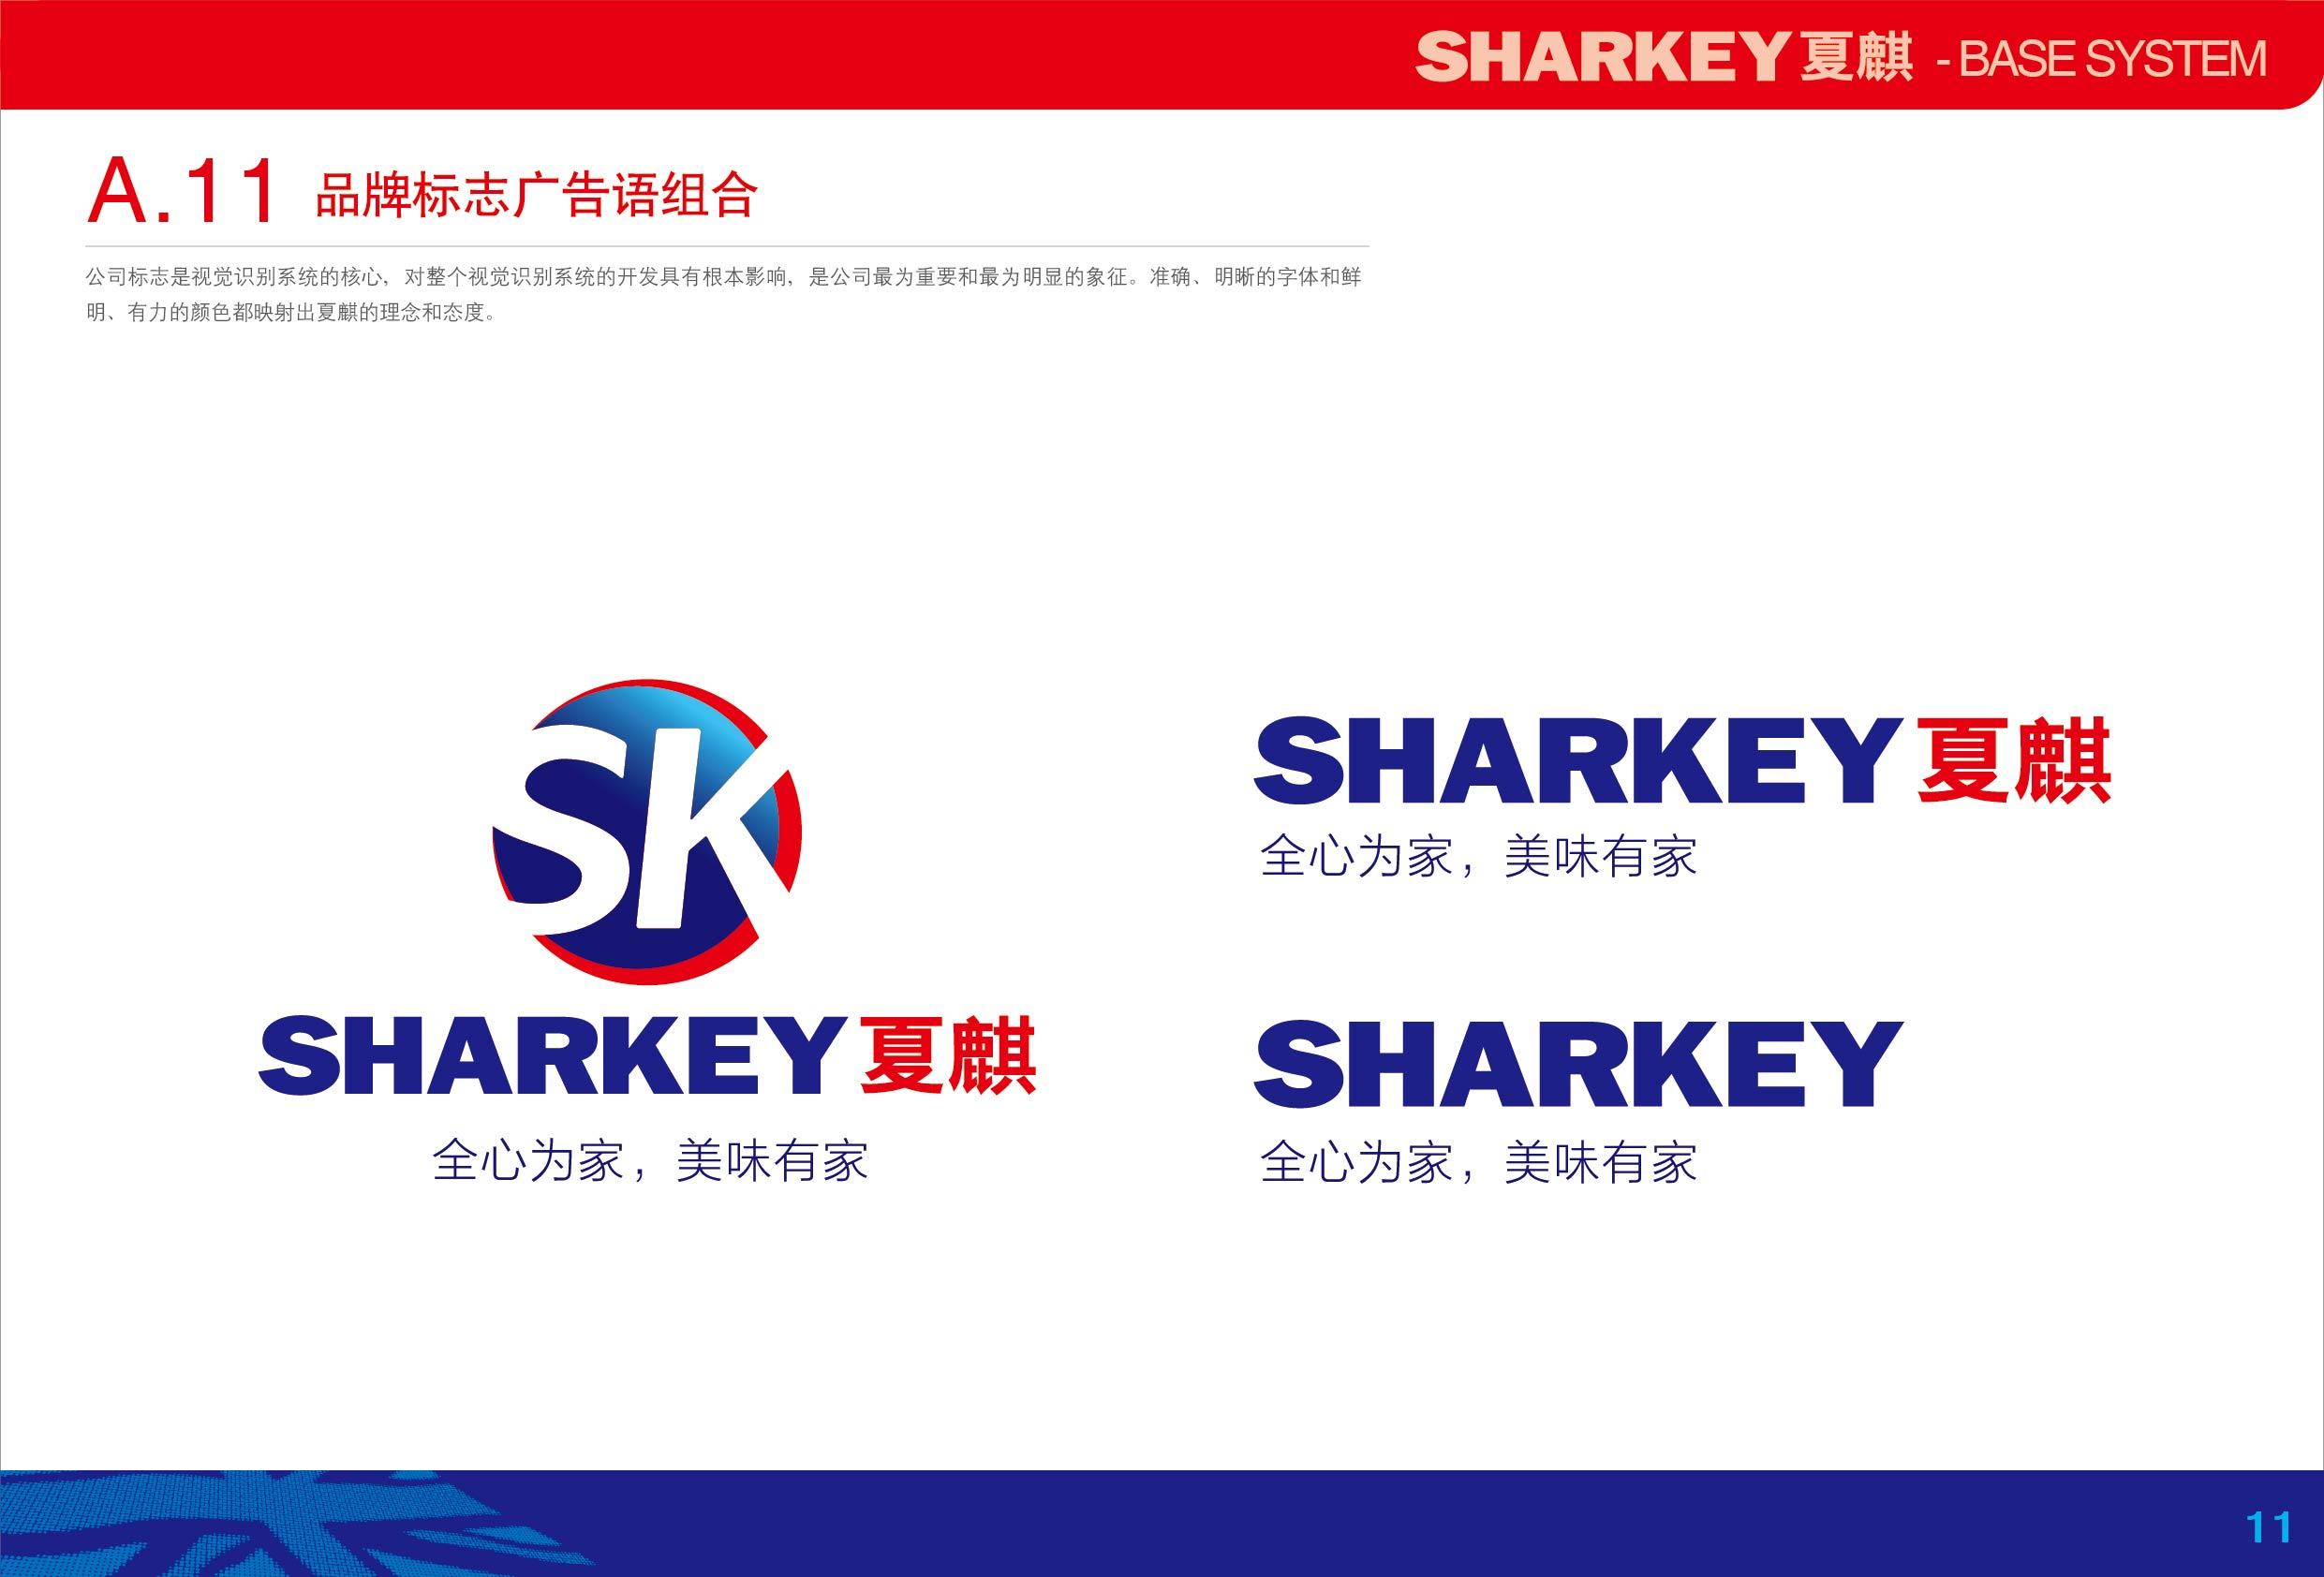 A夏麒logo-基础系统.aiA-12